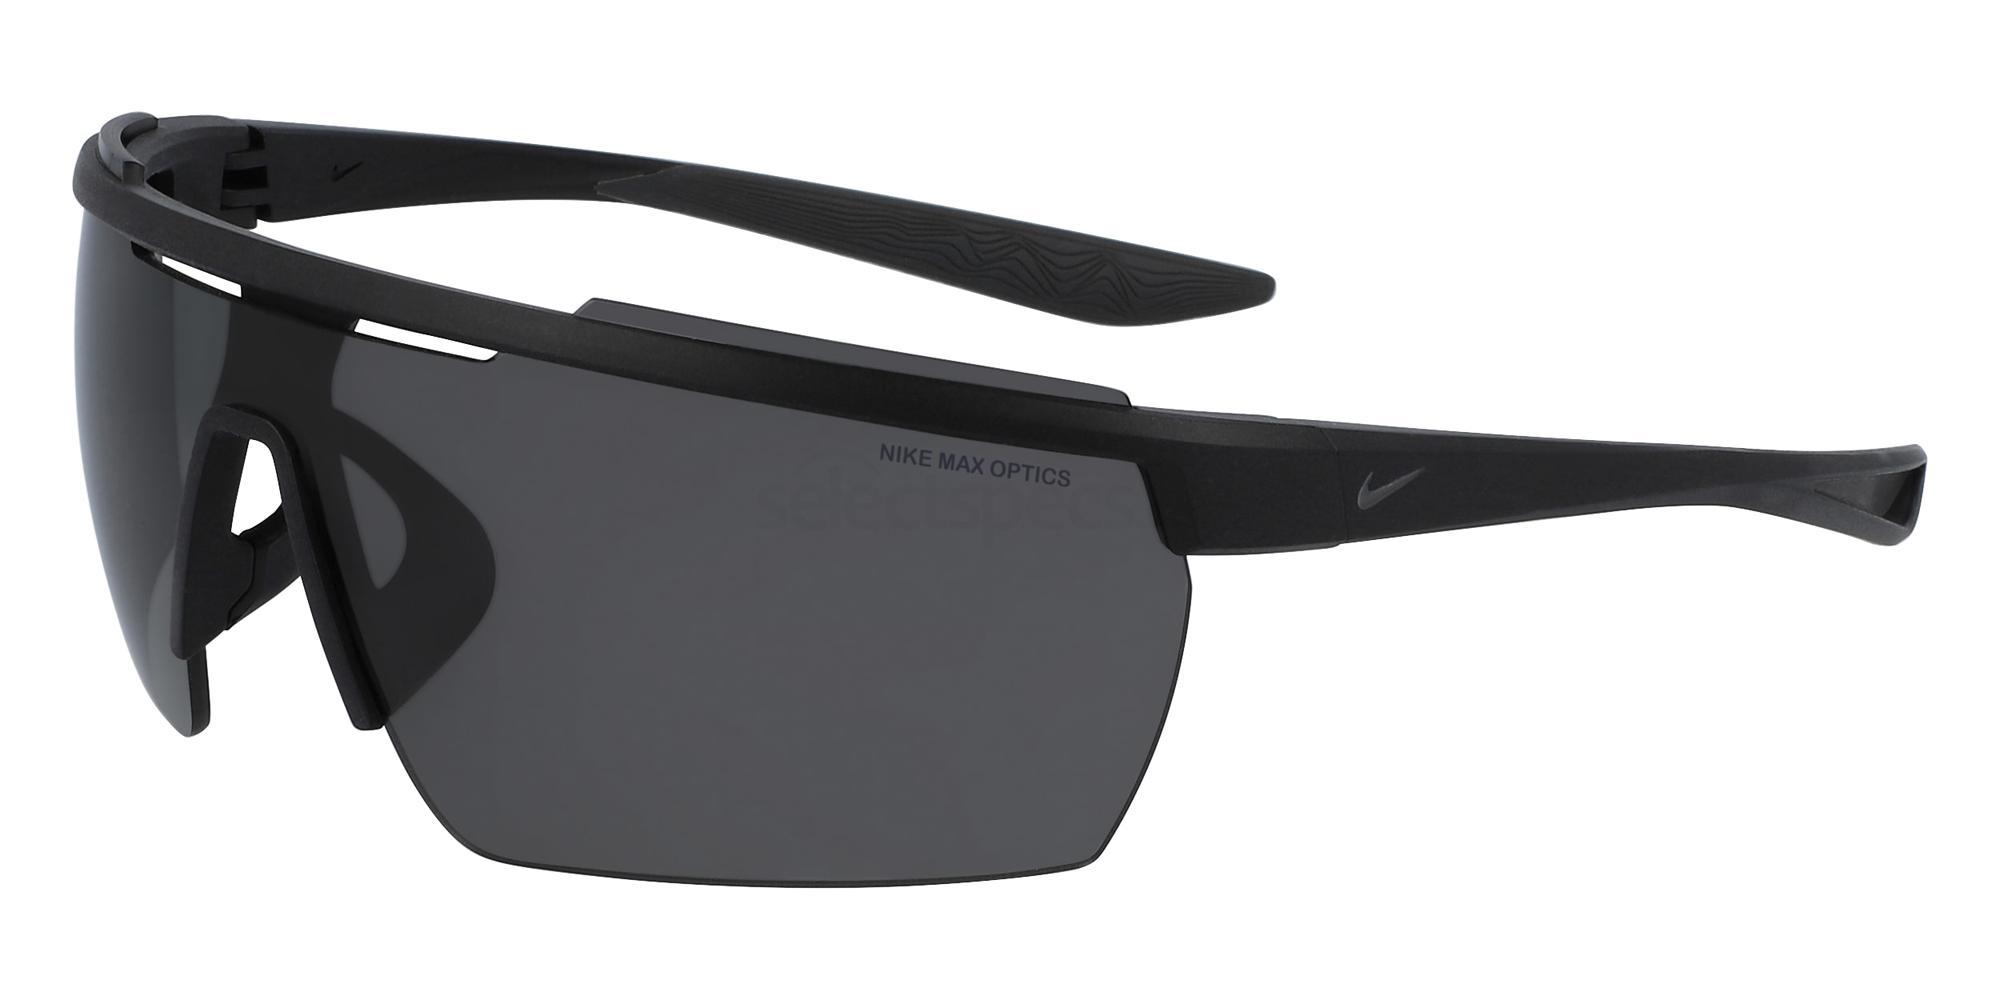 010 NIKE WINDSHIELD ELITE CW4661 Sunglasses, Nike